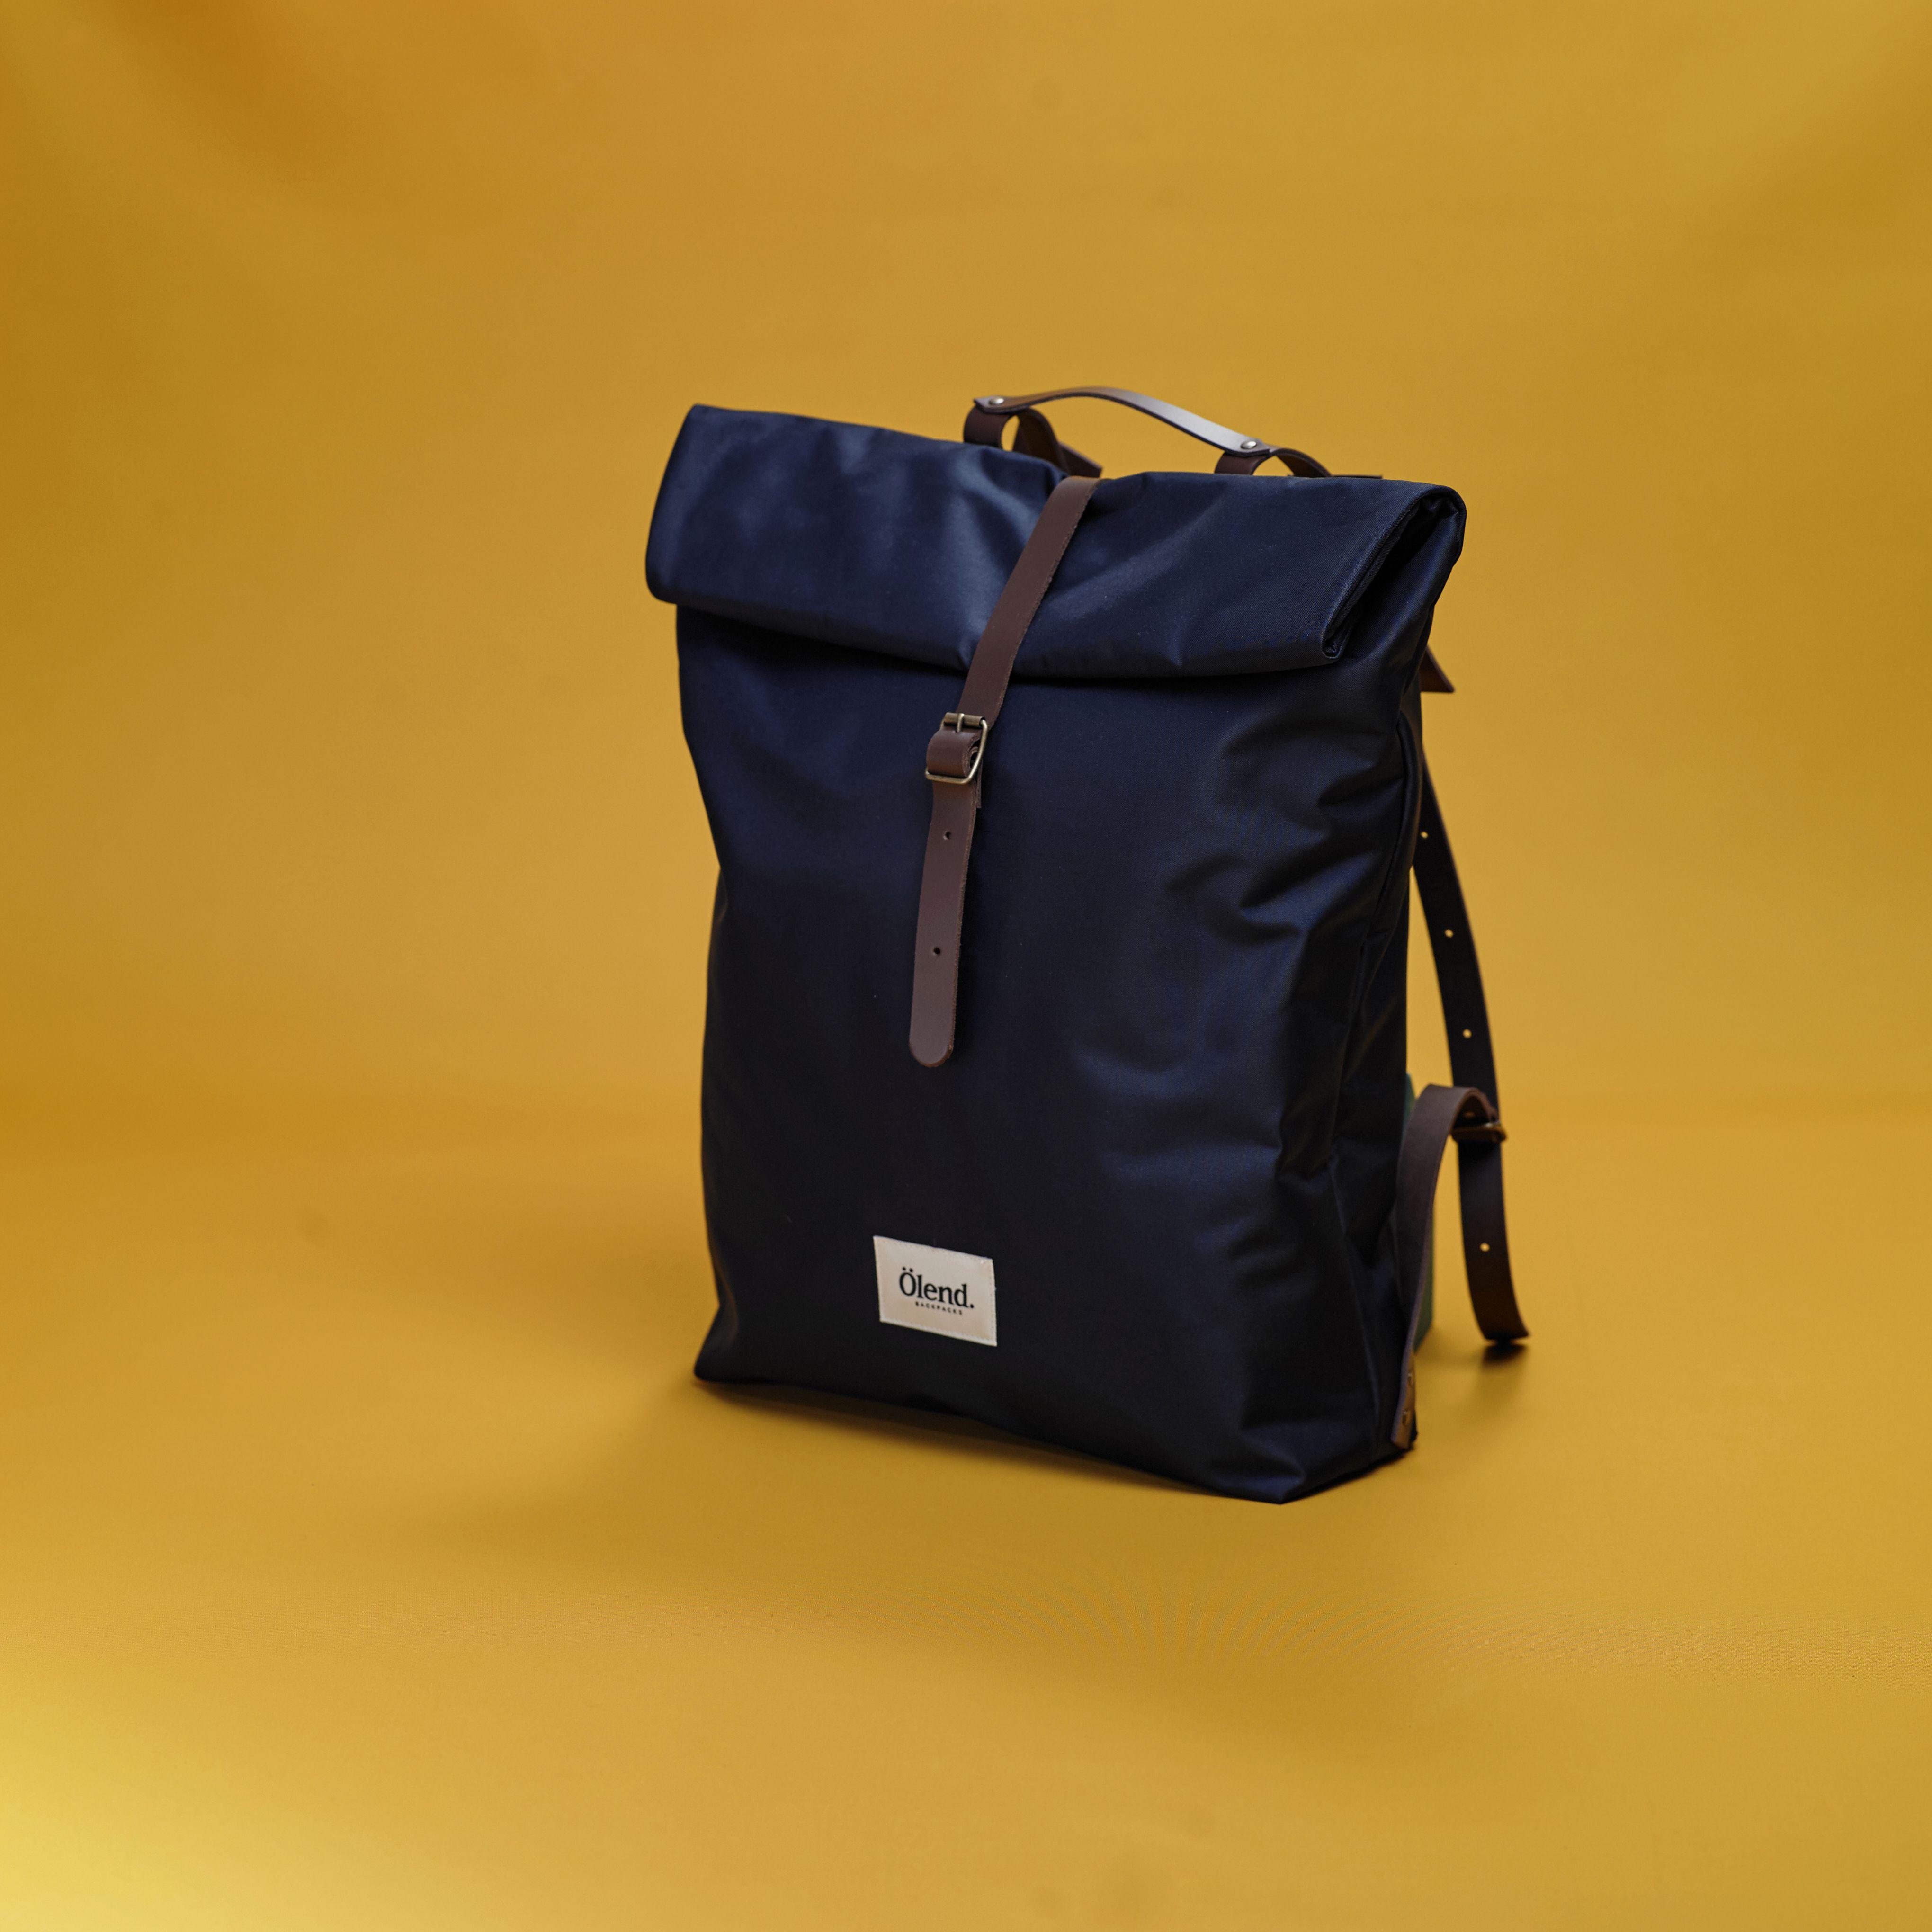 Olend Handmade Backpacks In Barcelona Www Olend Net Tiendas En